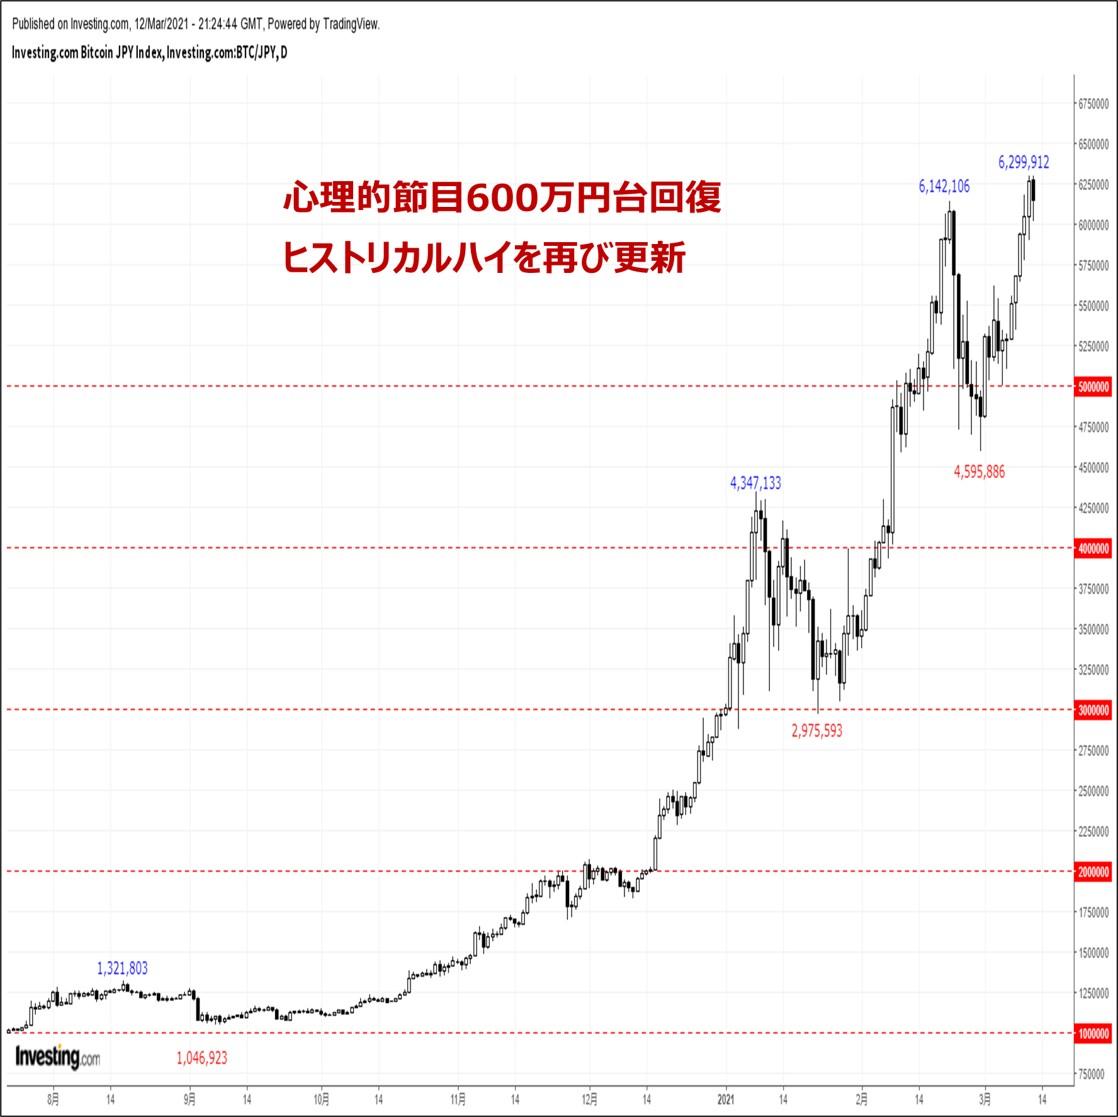 ビットコインの価格分析:『ヒストリカルハイ更新も来週は反落リスクに要警戒』(3/13)